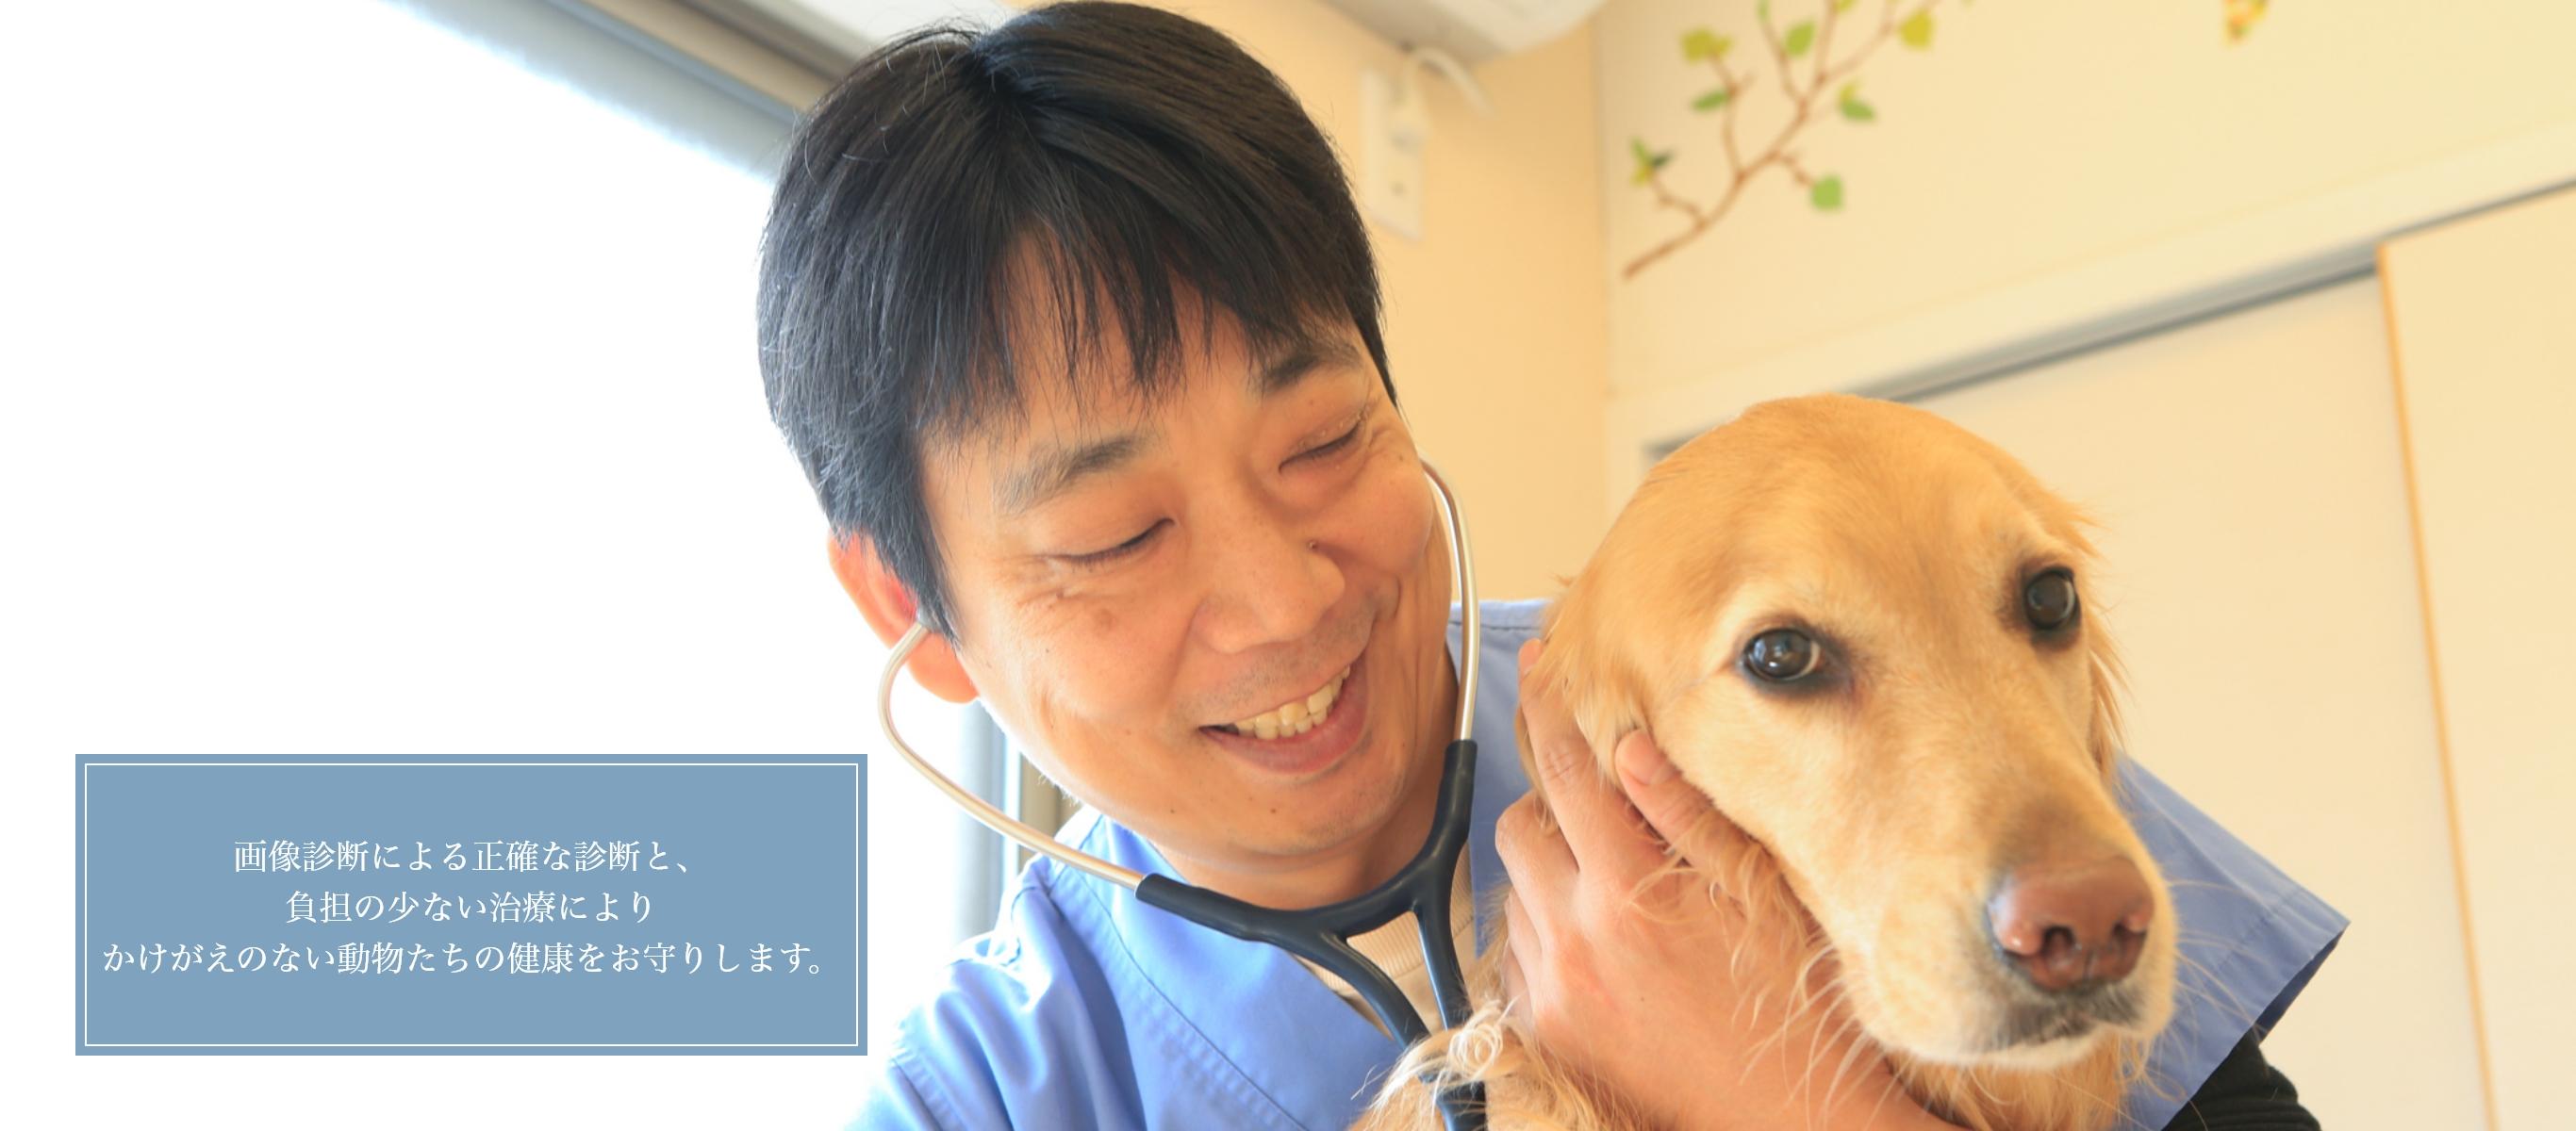 画像診断による正確な診断と、負担の少ない治療によりかけがえのない動物たちの健康をお守りします。